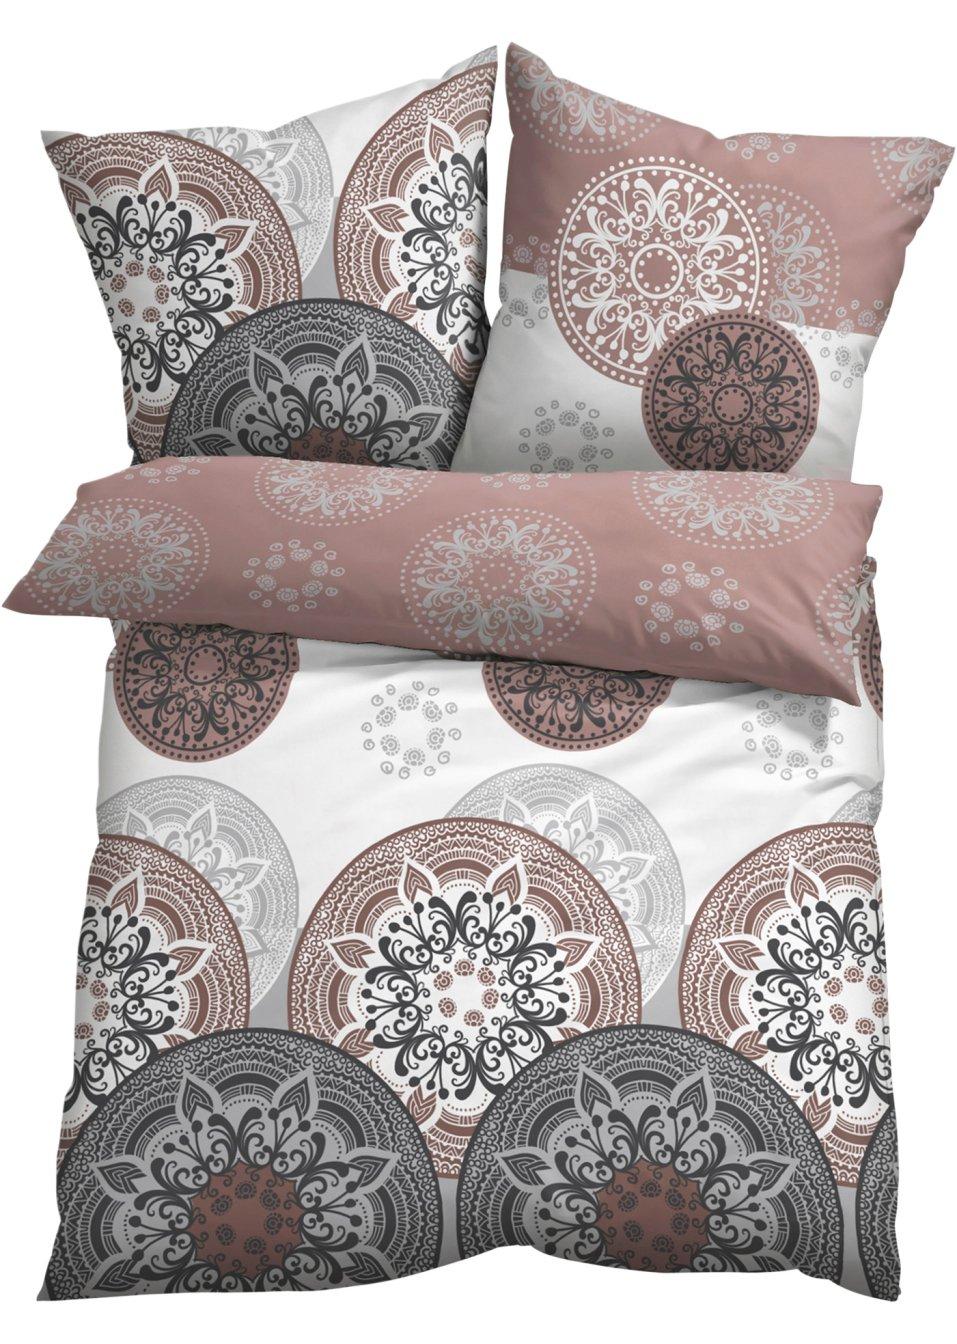 harmonische farben sch nes motiv die bettw sche mia grau taupe linon. Black Bedroom Furniture Sets. Home Design Ideas